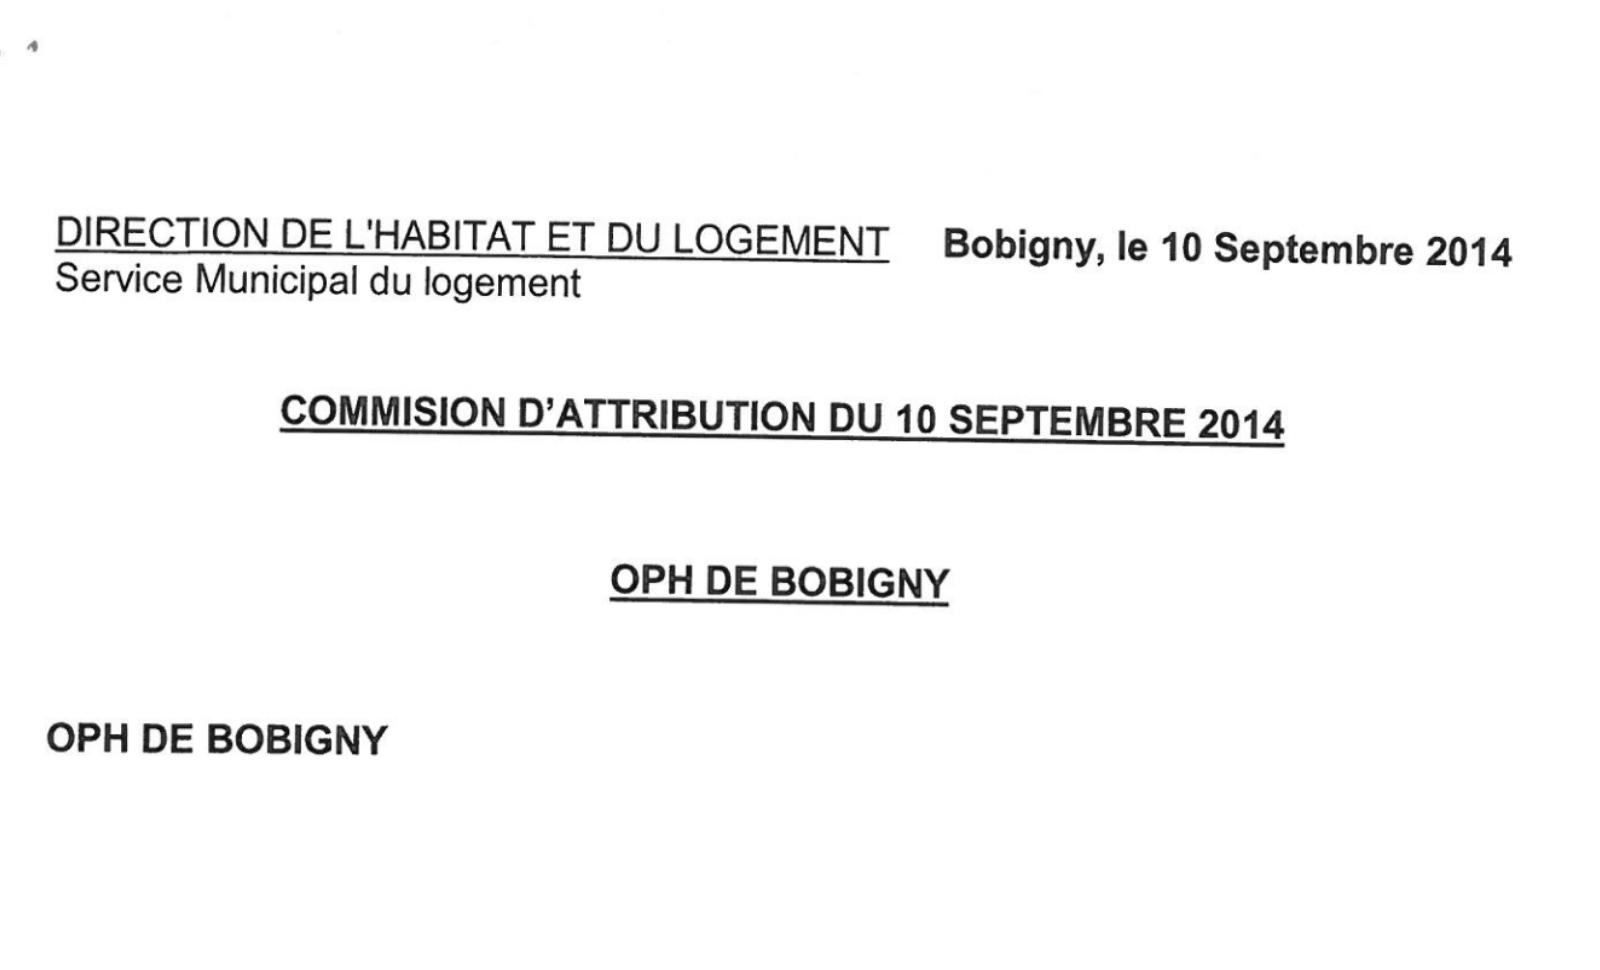 Commission d'attribution de logement du 10 septembre 2014 Shida Yadegar, la mère de Kianoush Moghadam favorisée.